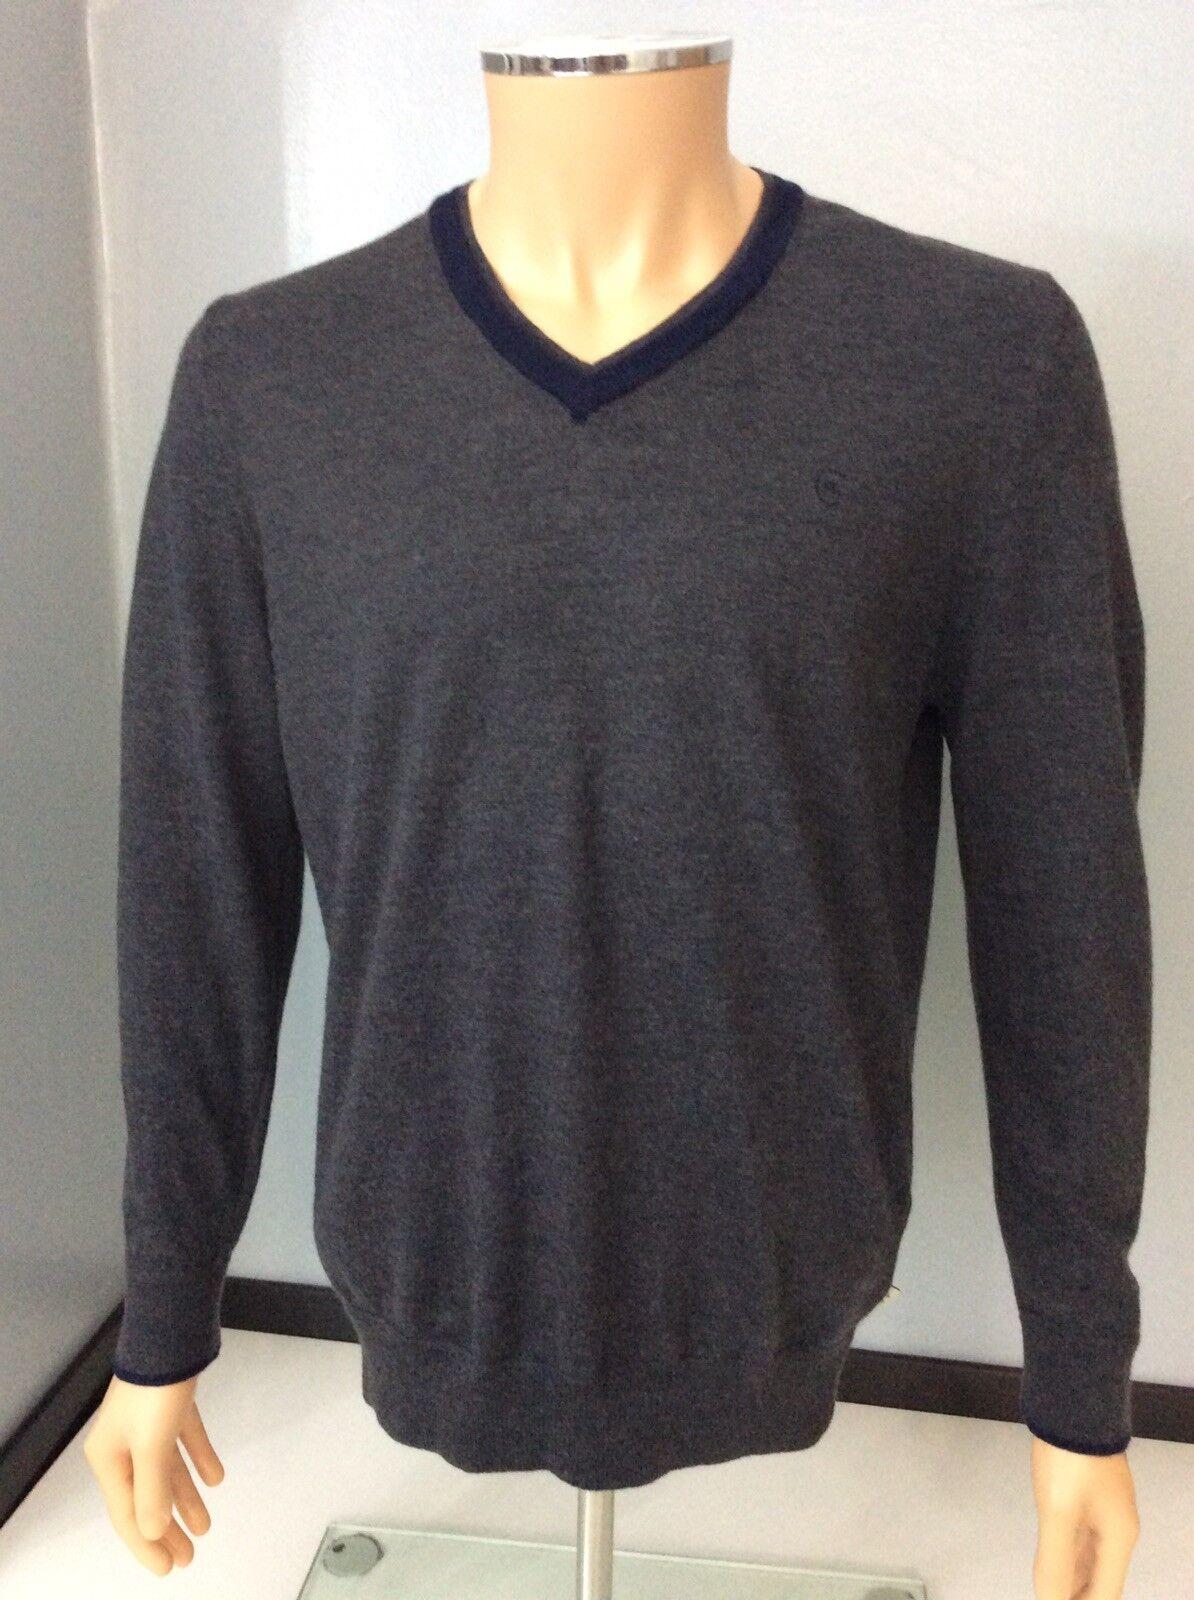 Cerruti 1881 uomo lana collo V Maglione, dimensioni, grande, l, grigio, in buonissima condizione